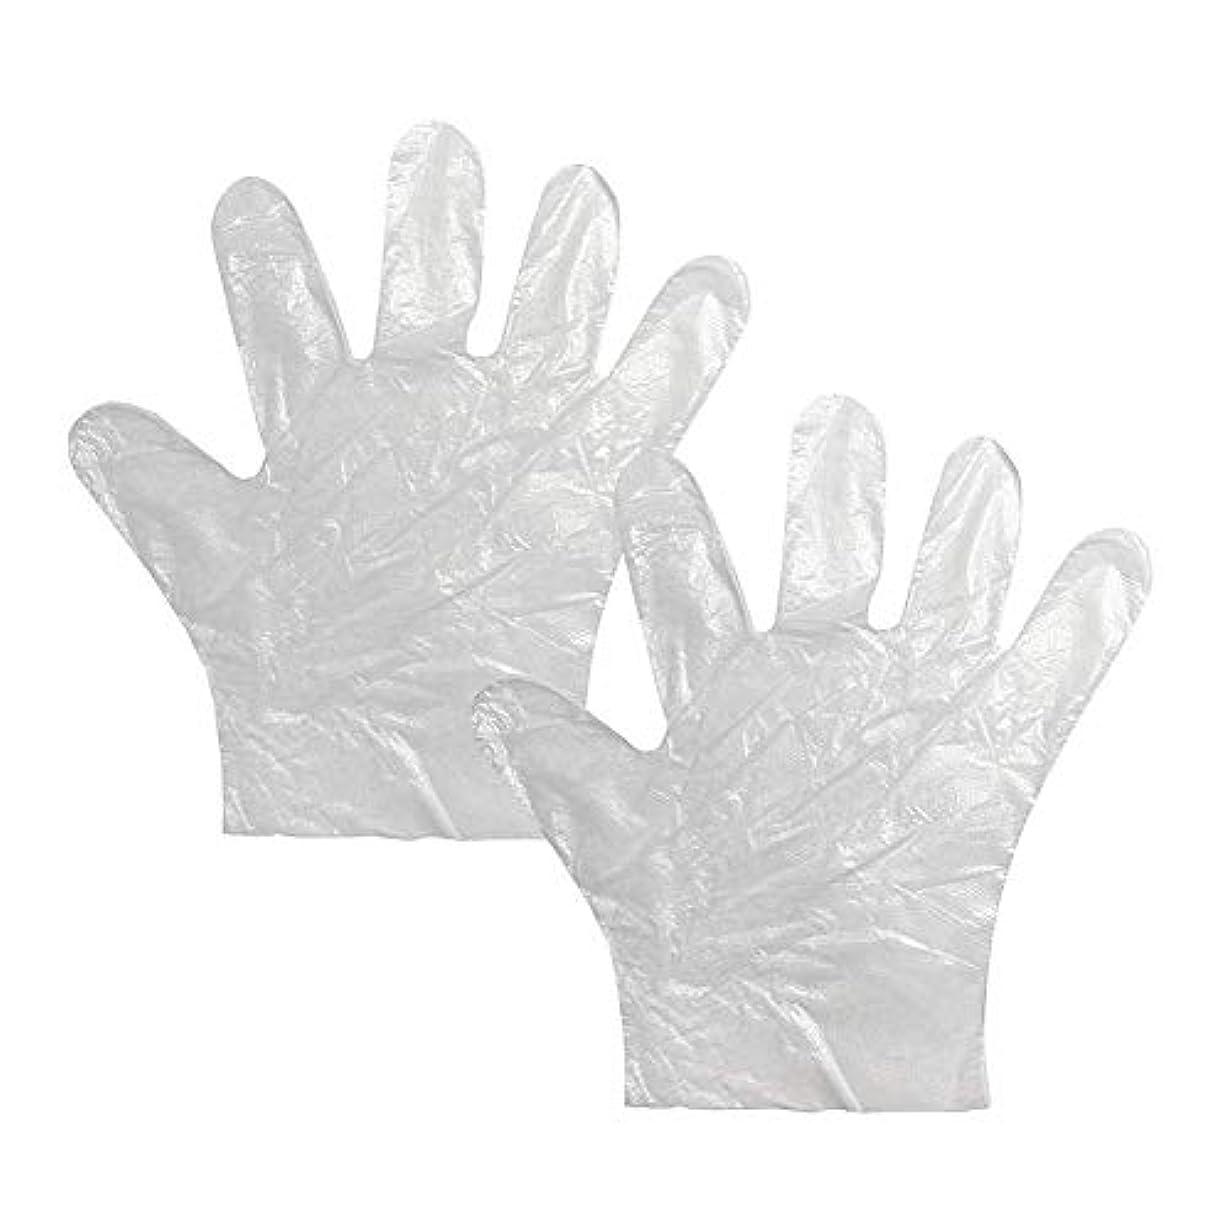 おなかがすいた俳優再生可能使い捨て手袋 極薄ビニール手袋 ポリエチレン 透明 実用 衛生 100枚*2セット